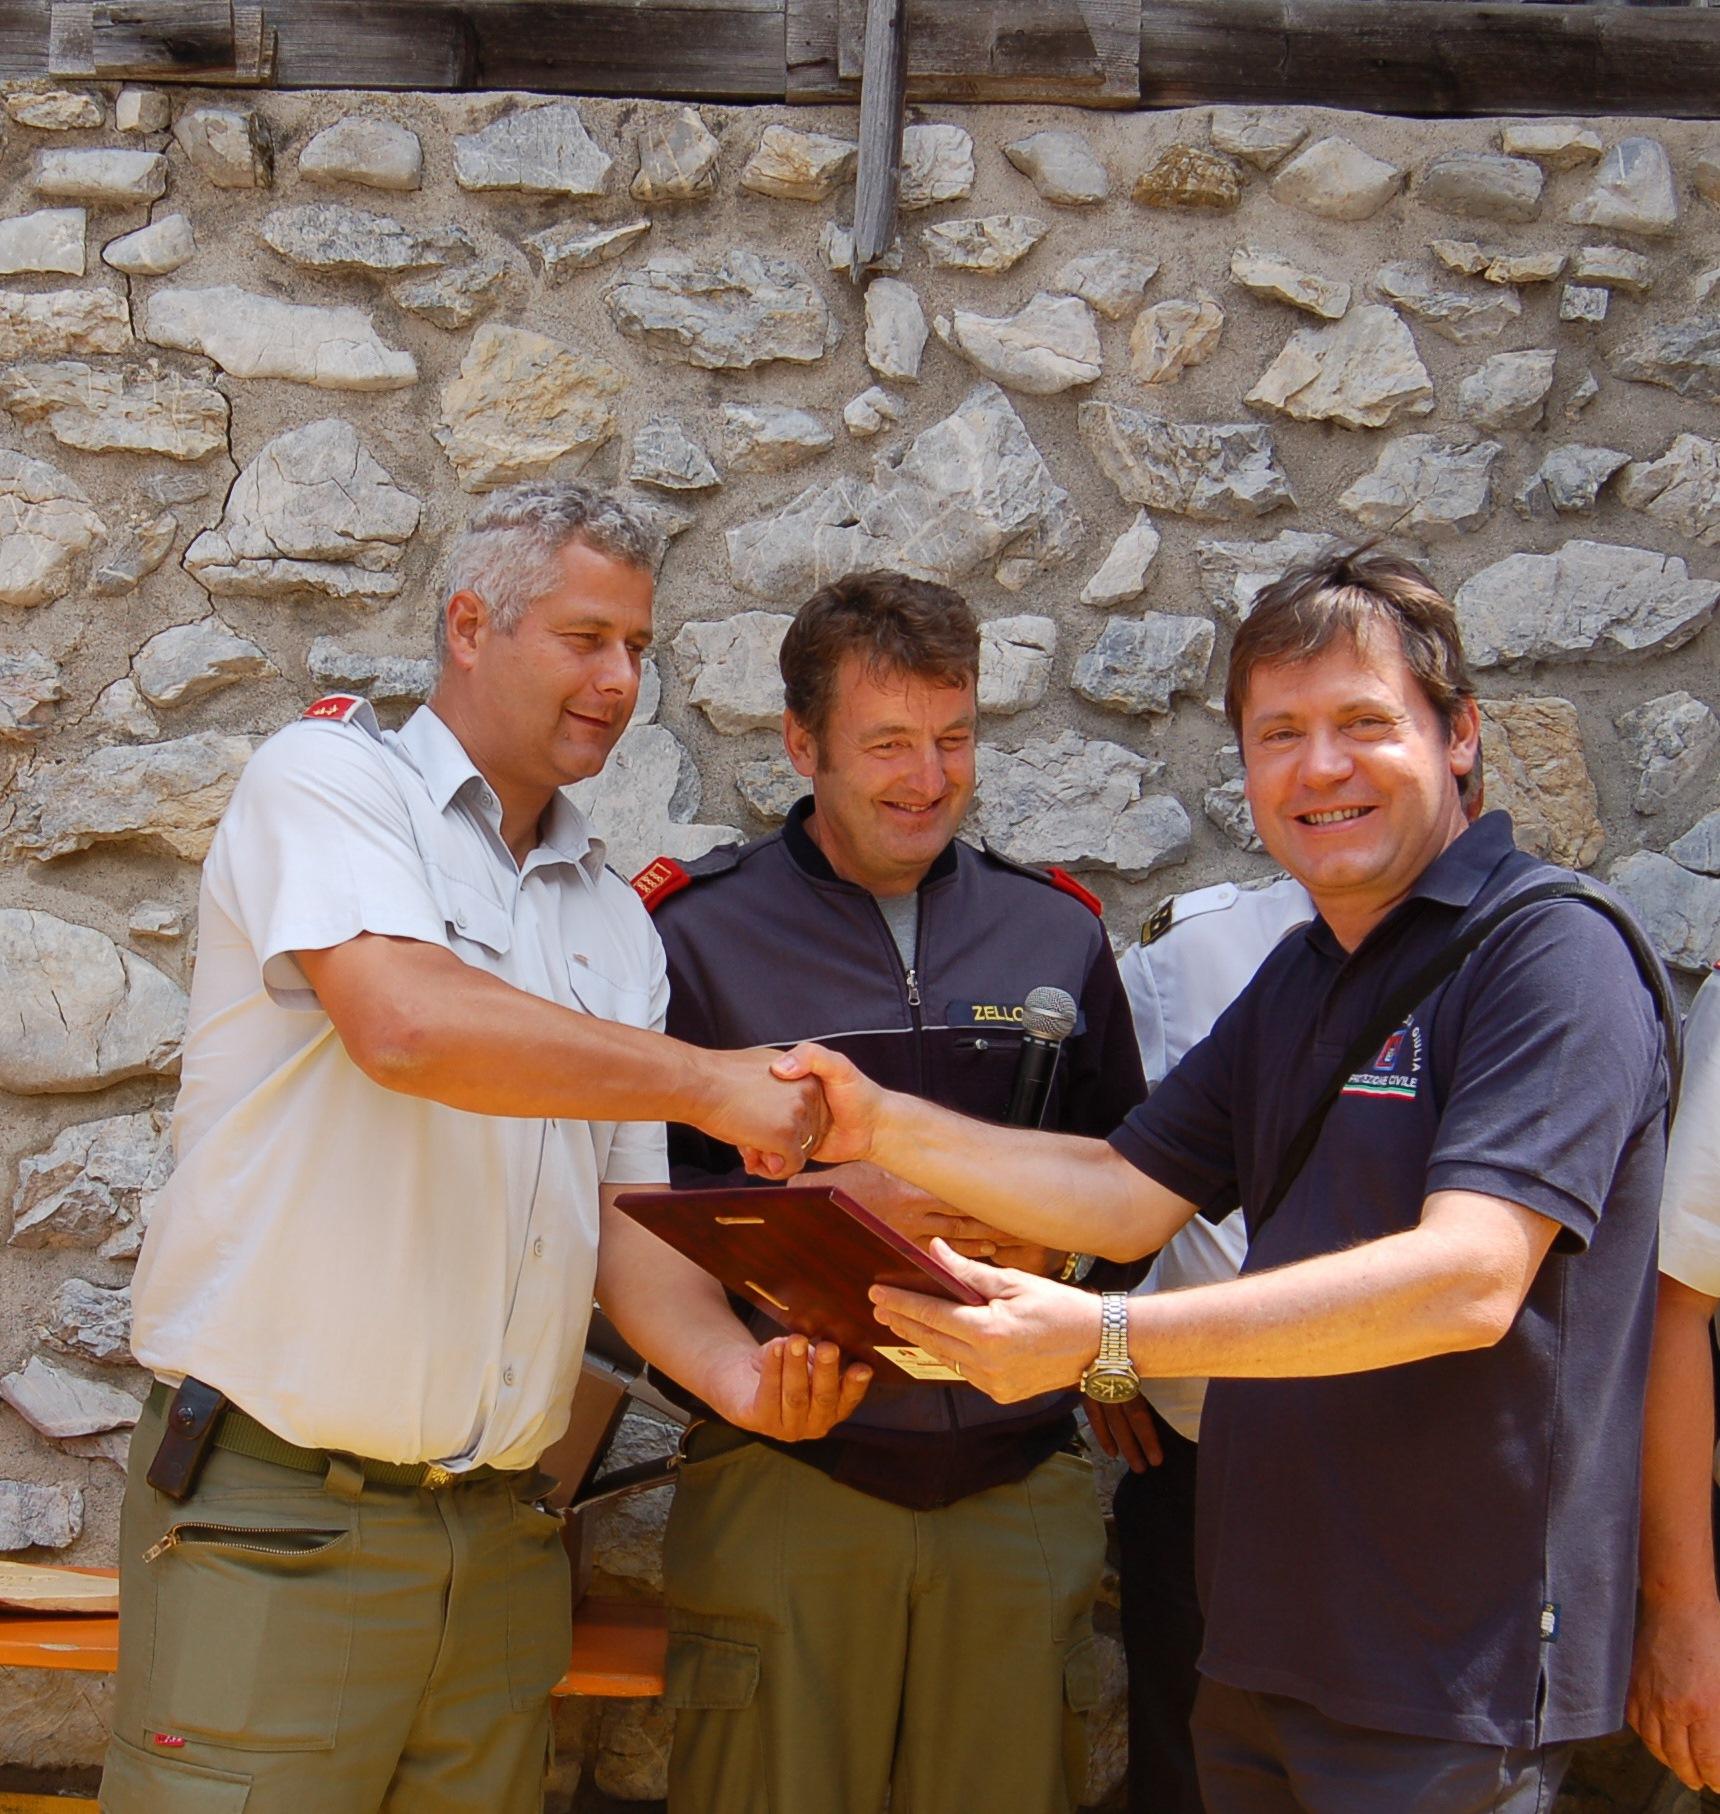 REPORTAGE - 40 anni di amicizia transfrontaliera: i Pompieri Volontari di Ugovizza e i Freiwillige Feuerwehr di Vordeberg | Emergency Live 9